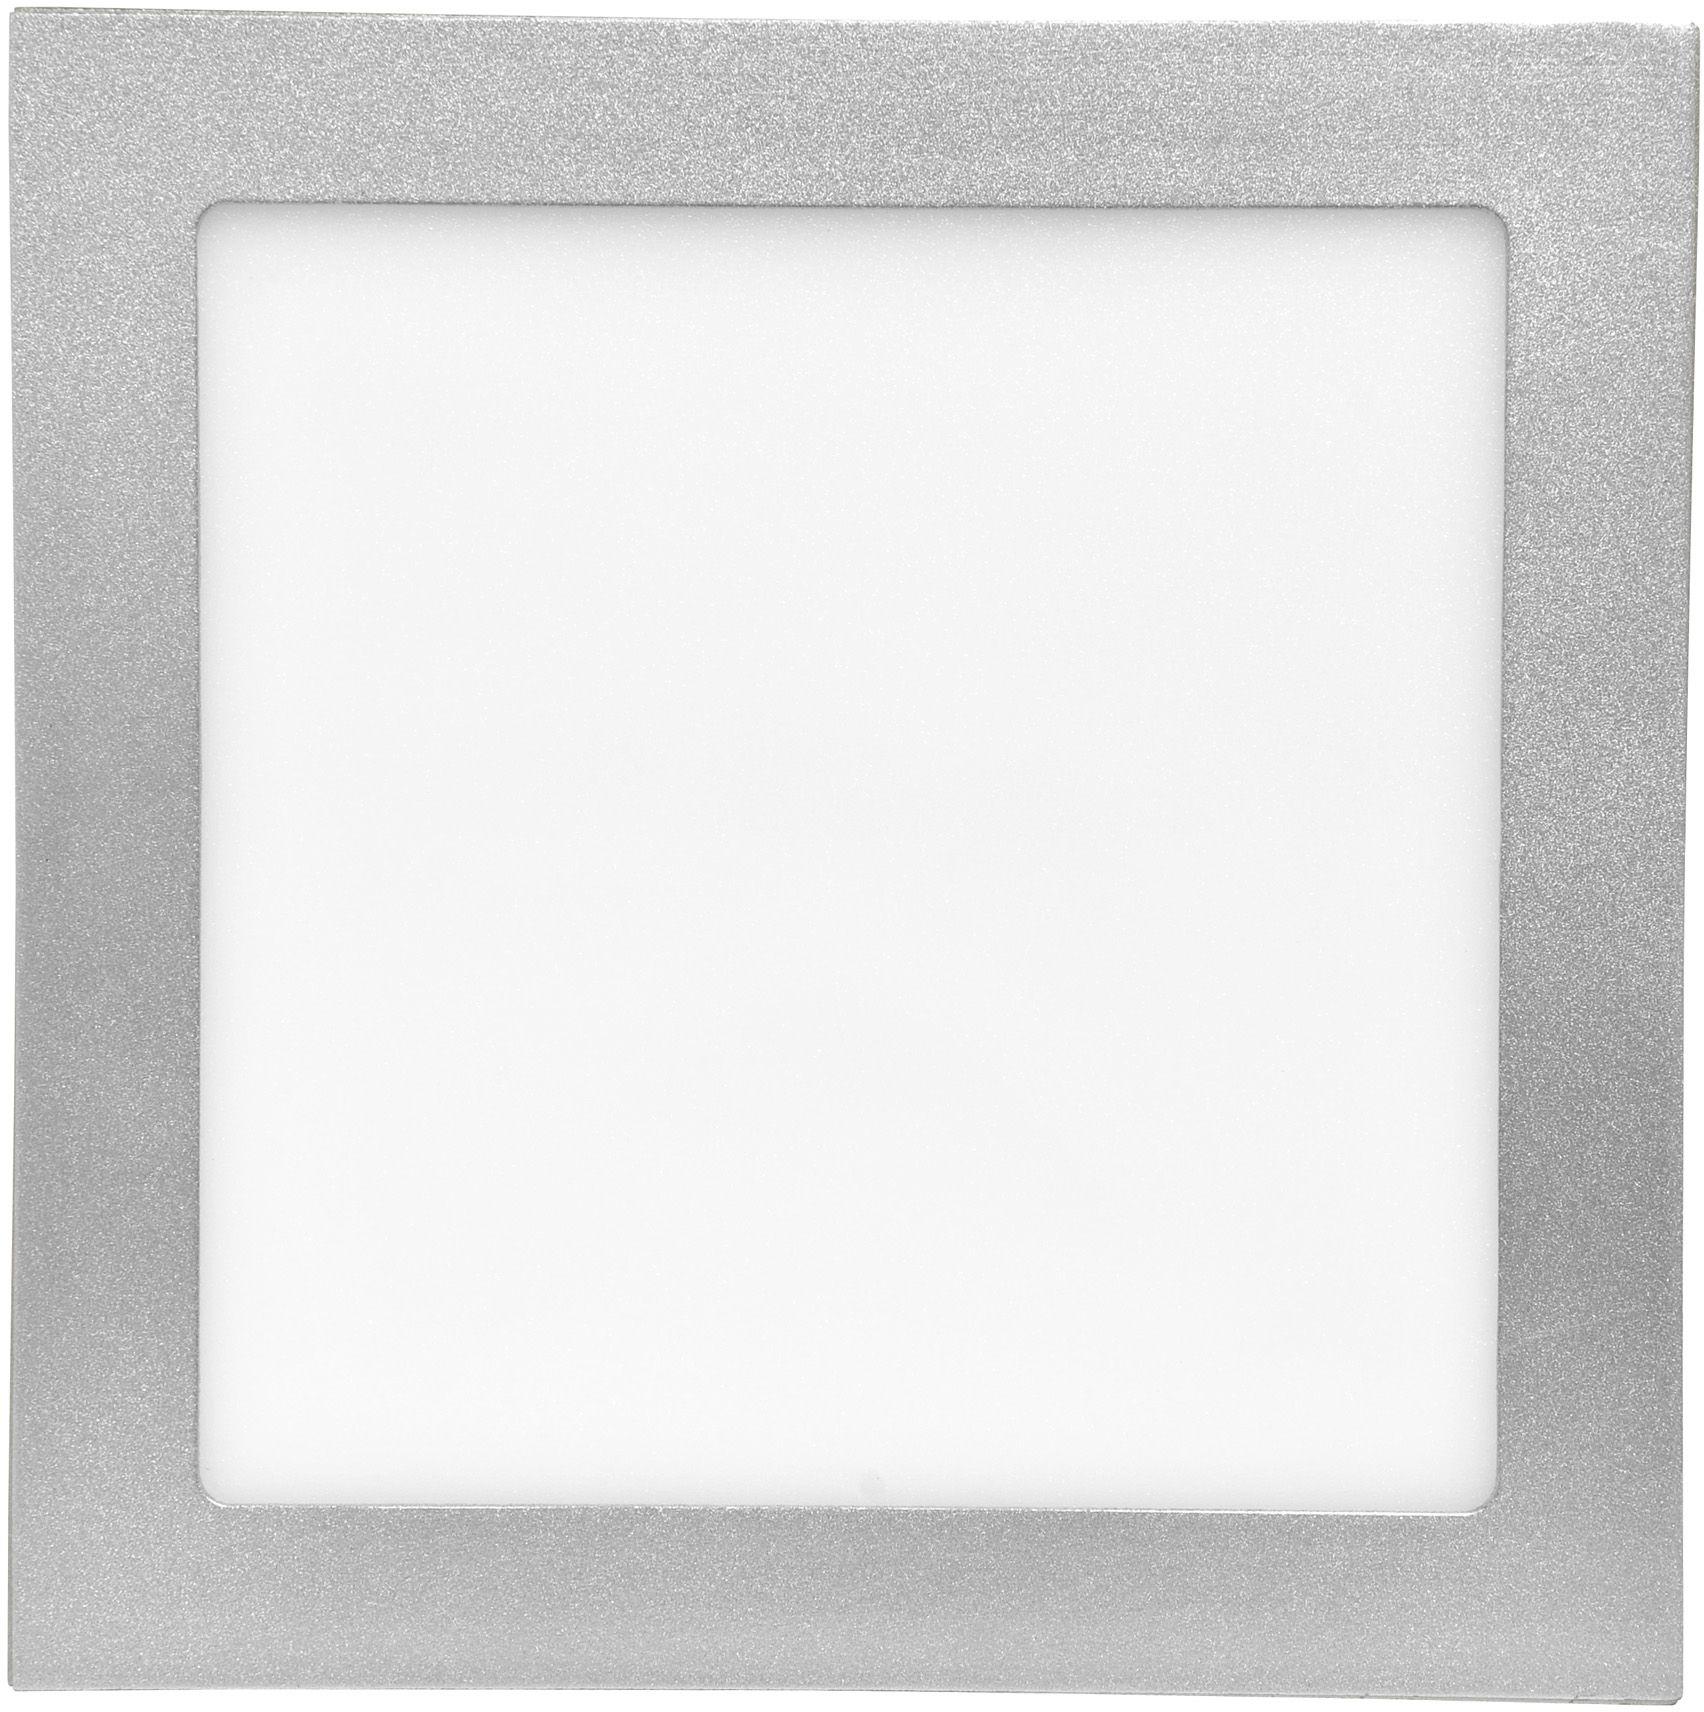 Silber LED Einbaupanel 155 x 155 mm 15W Tageslicht